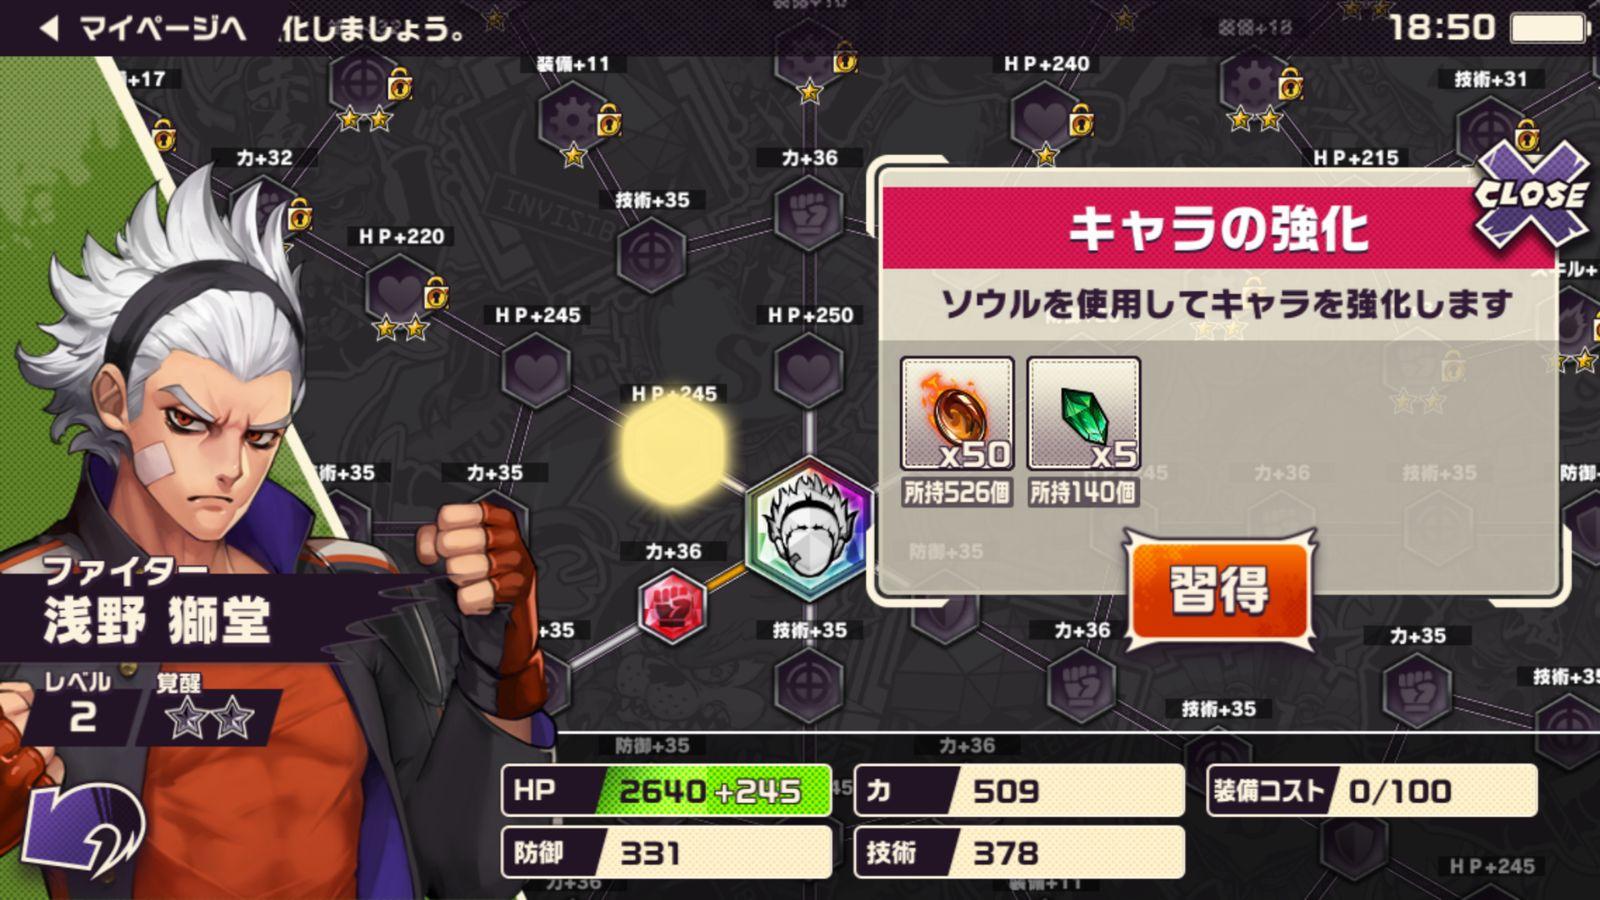 東京プリズン【攻略】: 味方との連携で強敵撃破!バトルのコツ 応用編